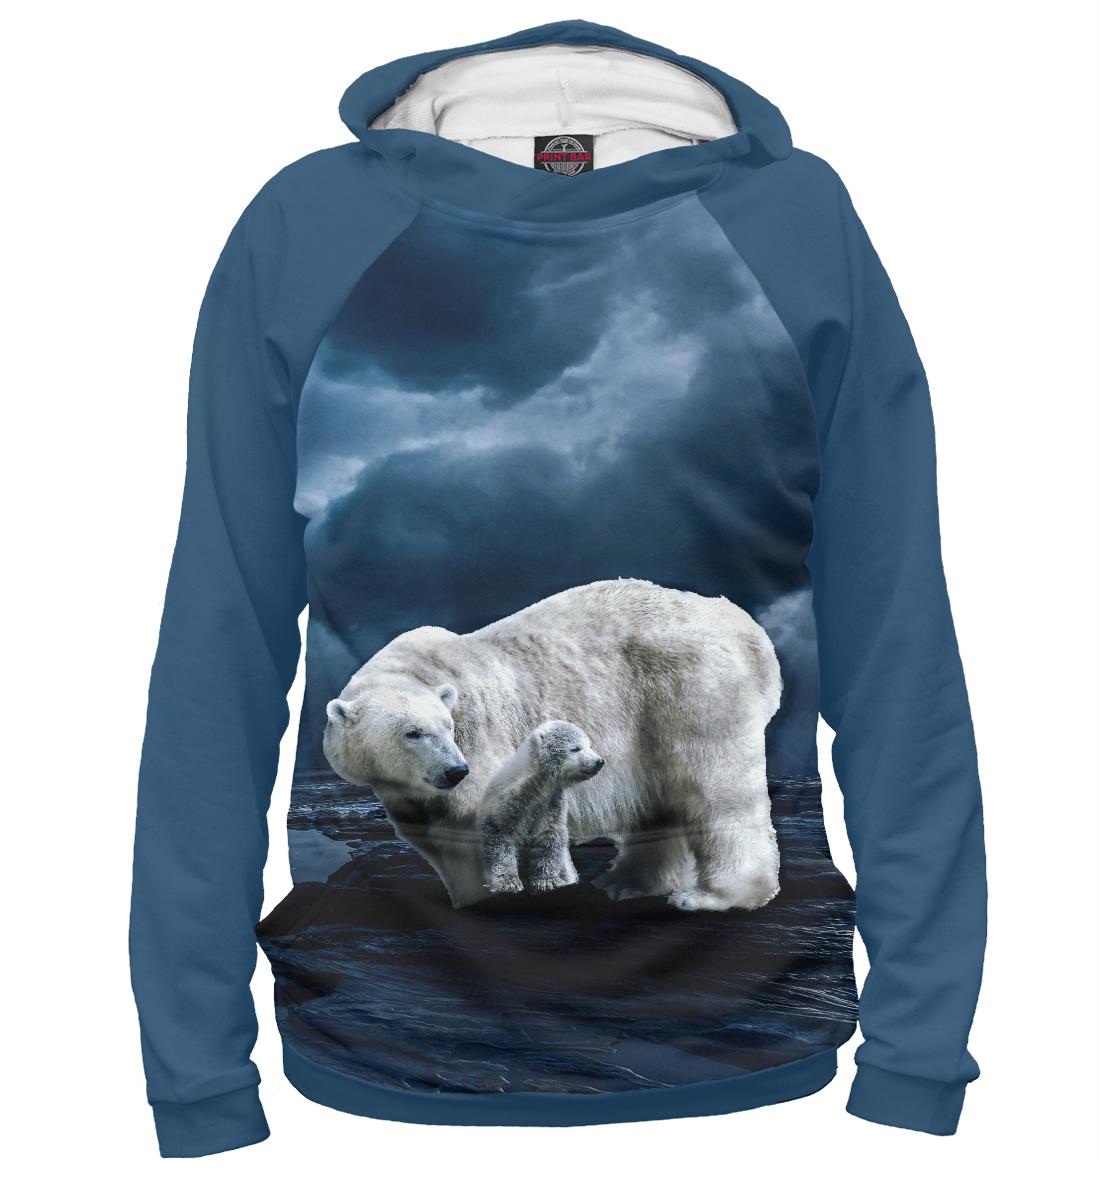 Фото - Полярные медведи полярные медведи